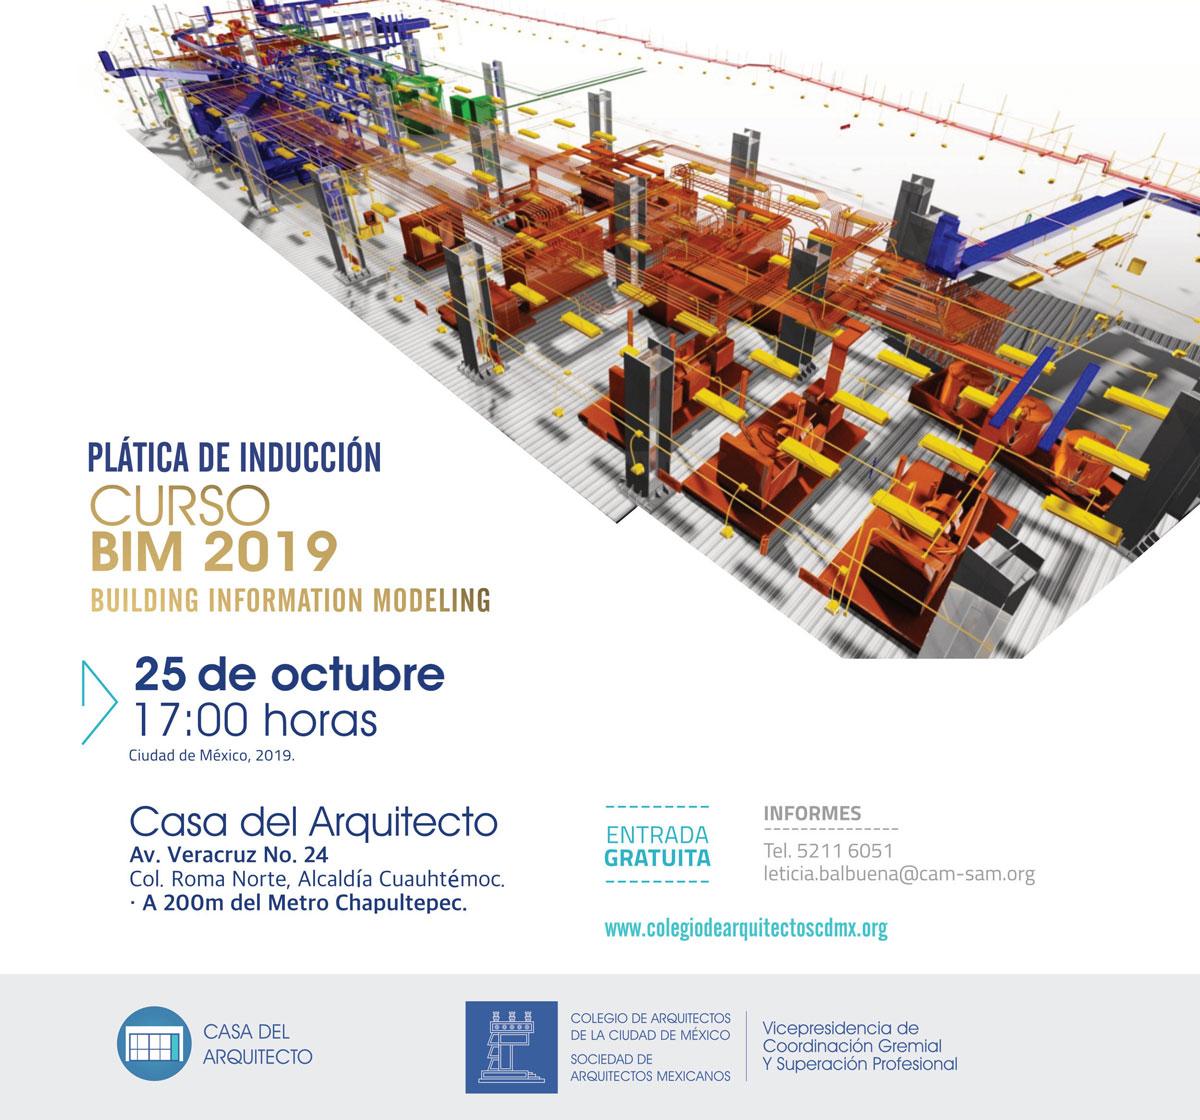 Plática de inducción BIM 2019